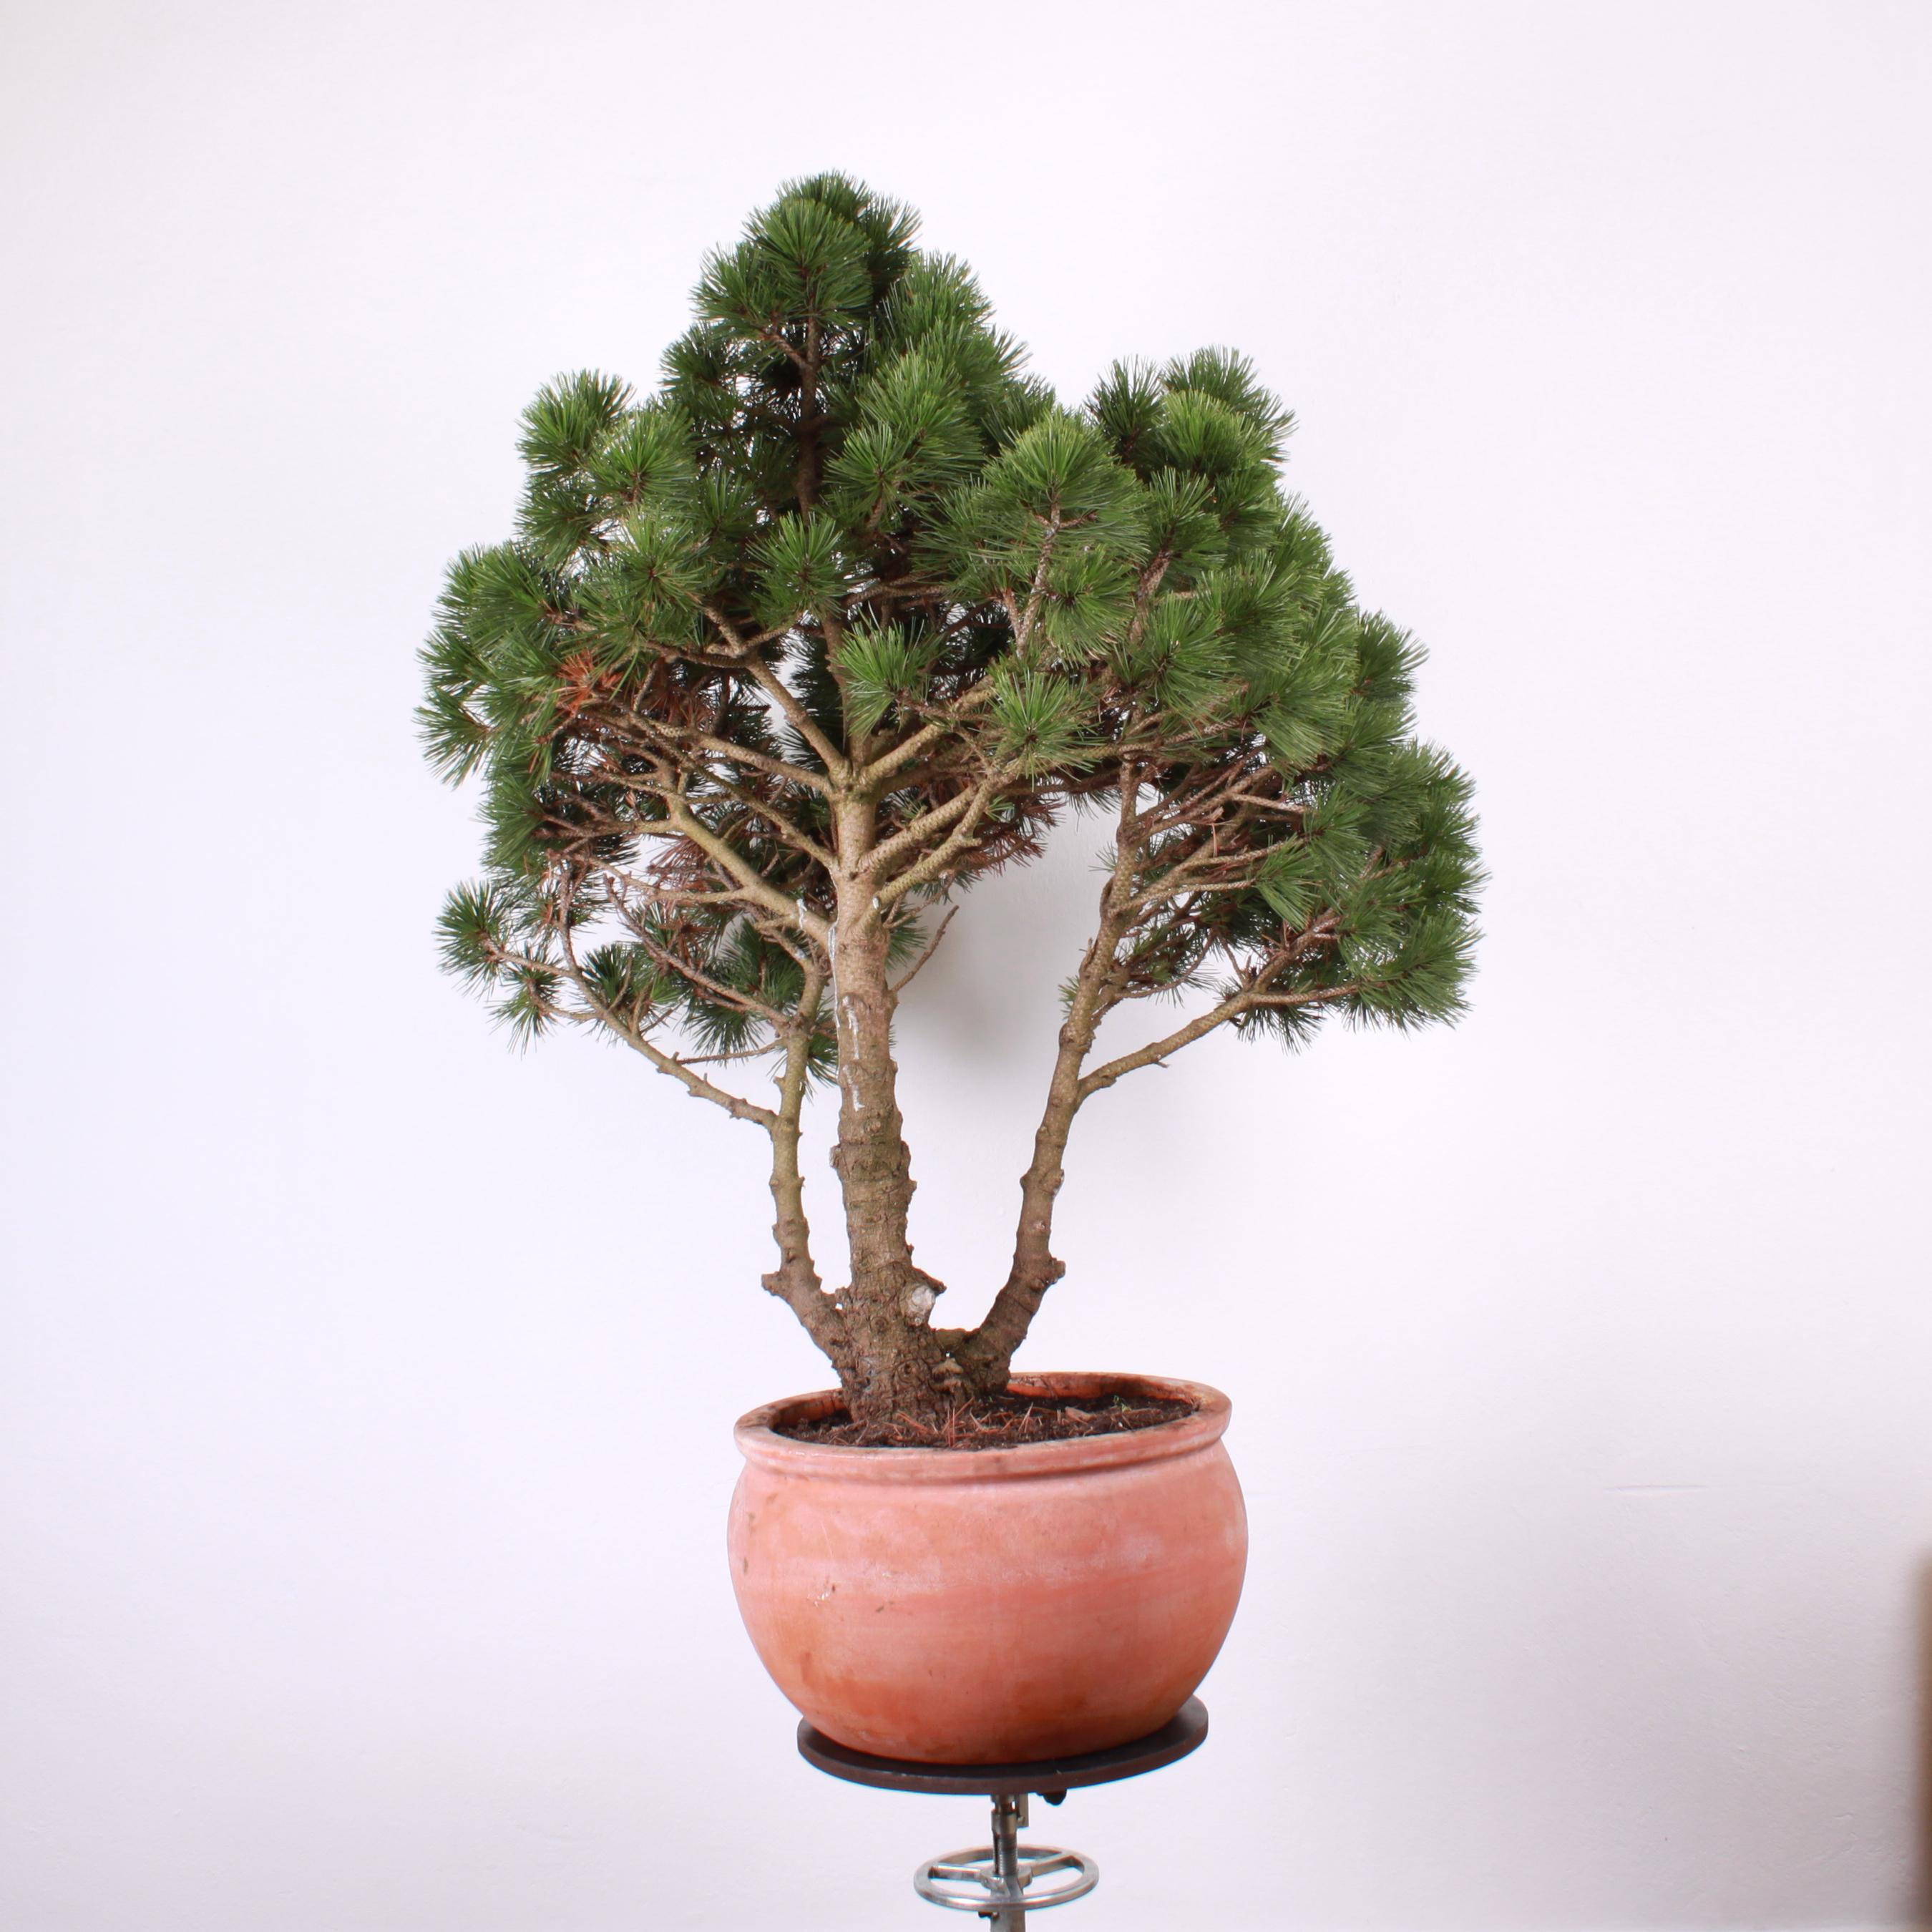 Borovica pred tvarovaním, zadná strana stromu